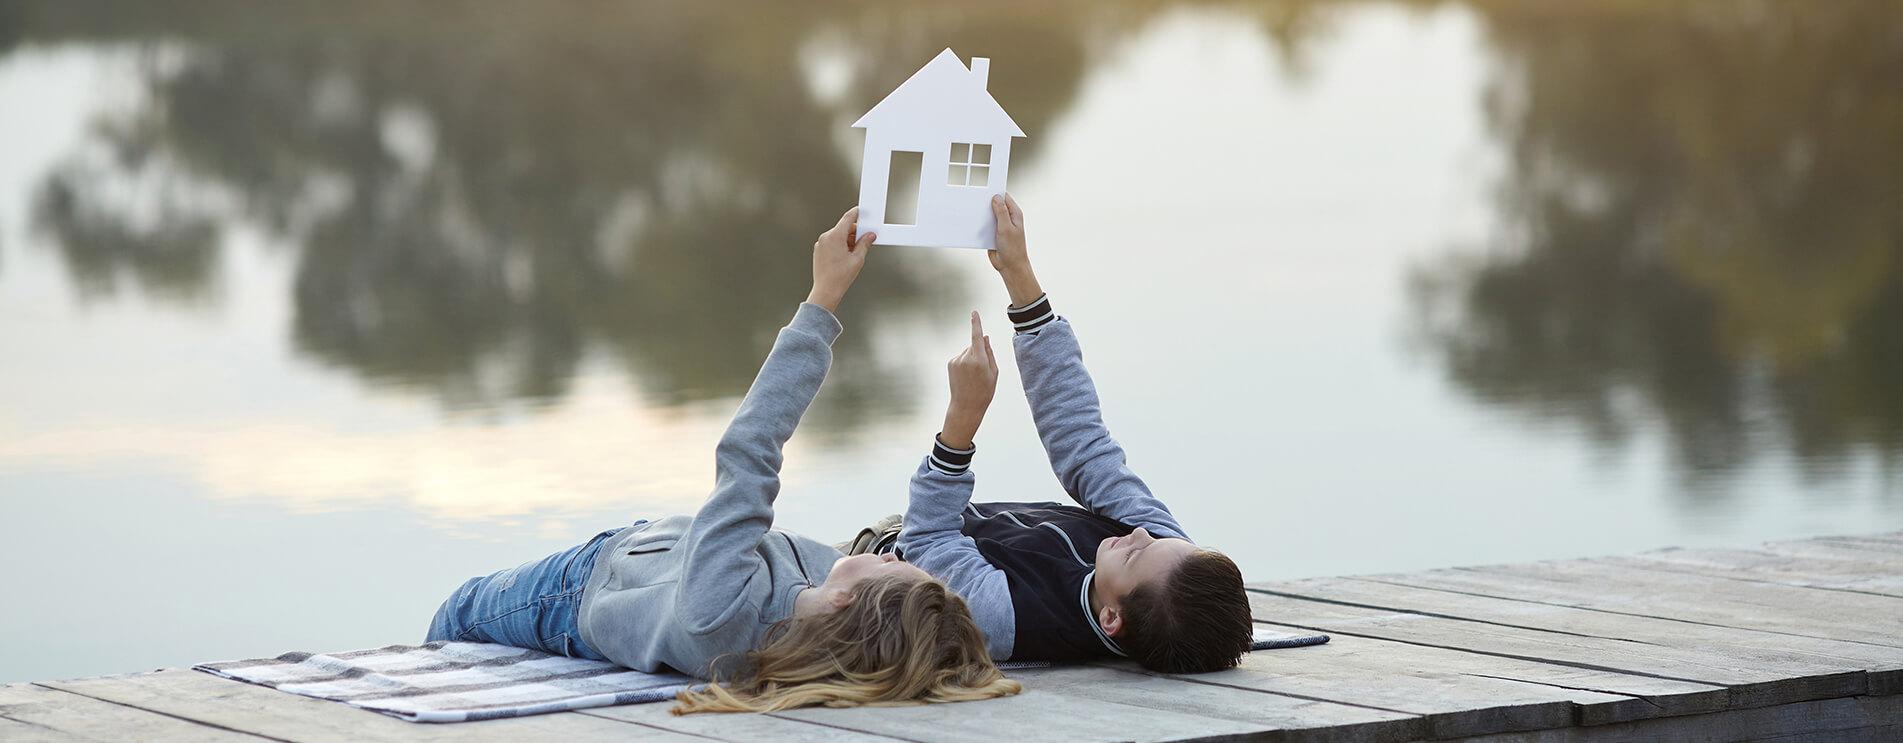 Immobilienkauf als Wunsch